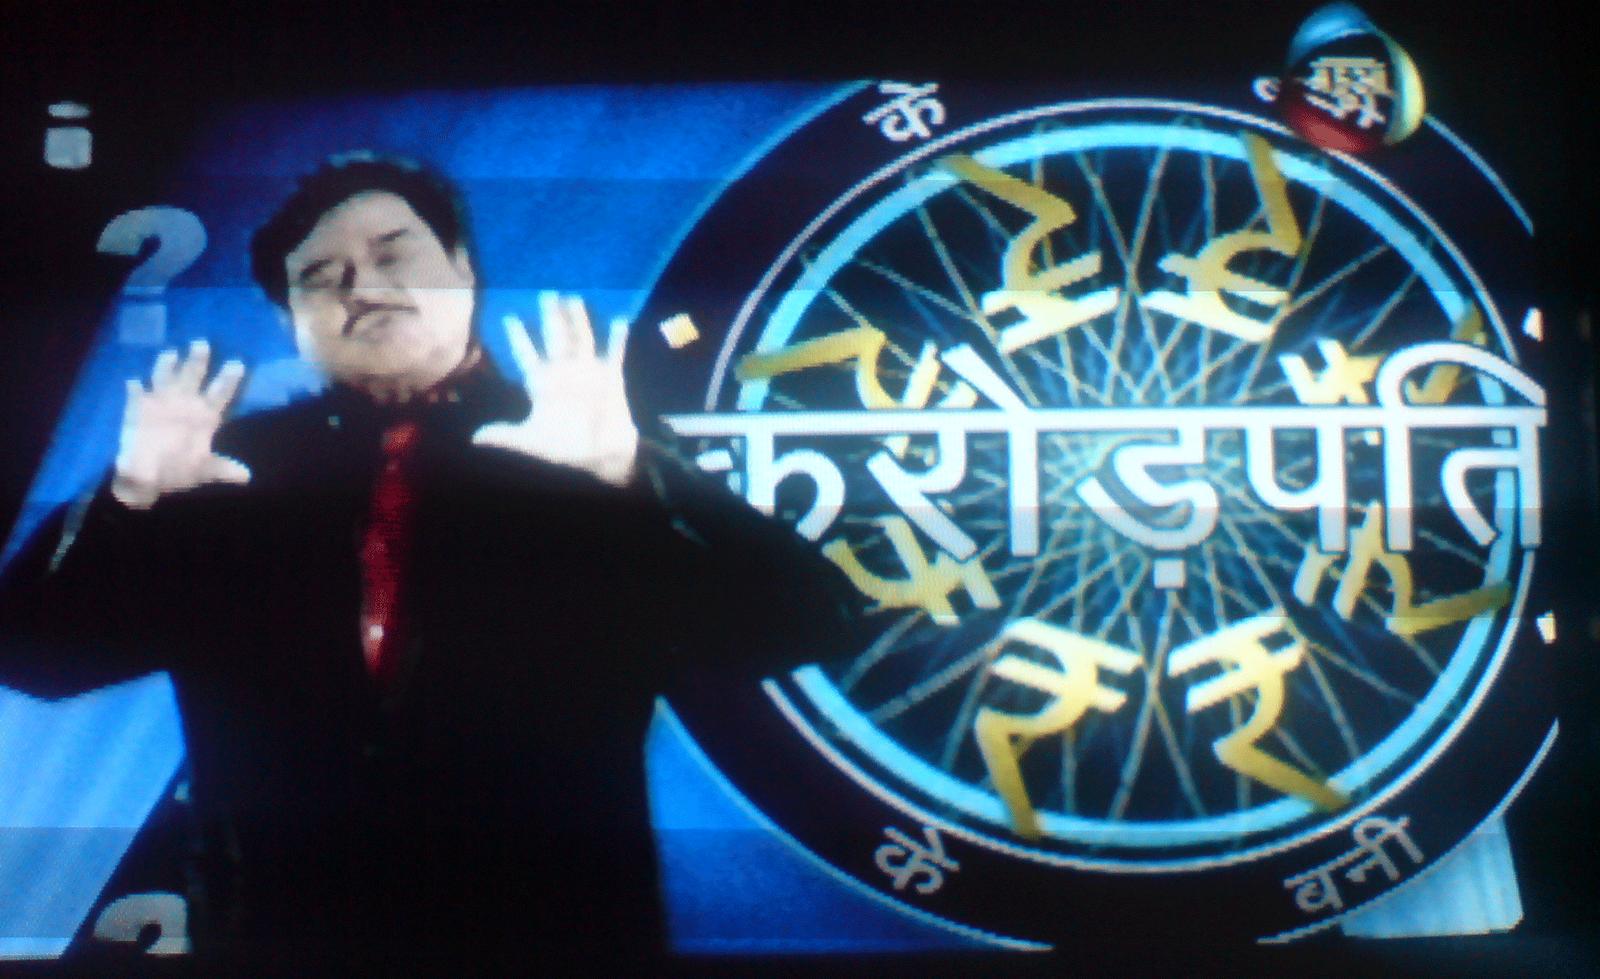 http://2.bp.blogspot.com/-K0zS_3T2K9s/TgMVyJAKQJI/AAAAAAAAC1E/QqKQQCpRdTo/s1600/Shatrughan+Sinha+to+host+Ke+Bani+Crorepati.png